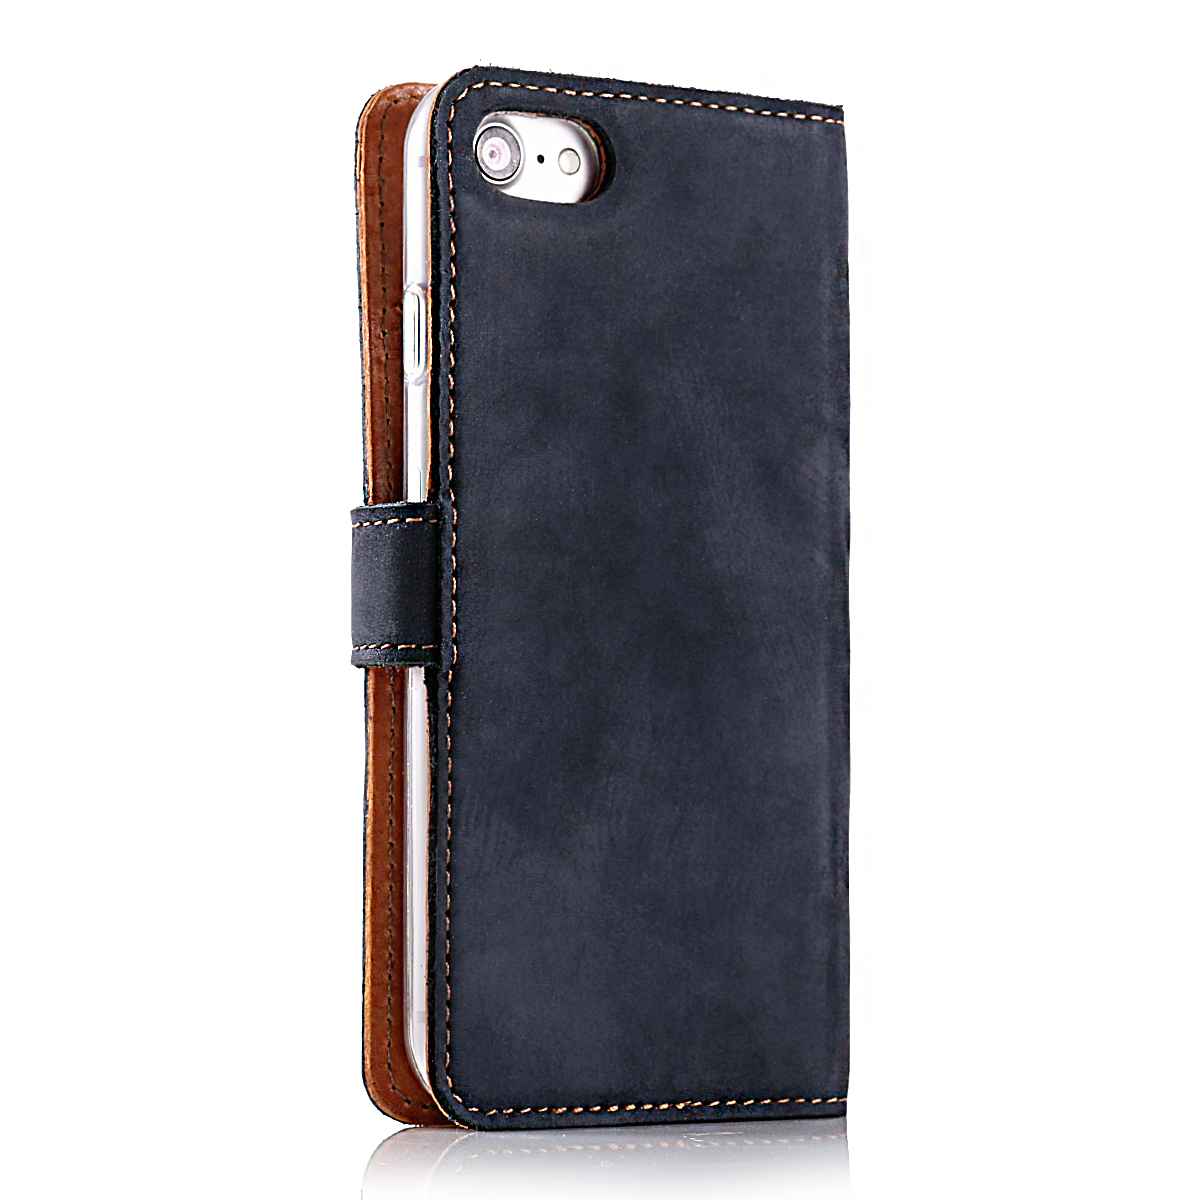 Premium Echtes Ledertasche Schutzhülle Tpu Wallet Flip Case Nubuk Schlüsselanhänger Handy-zubehör Farbe Blau